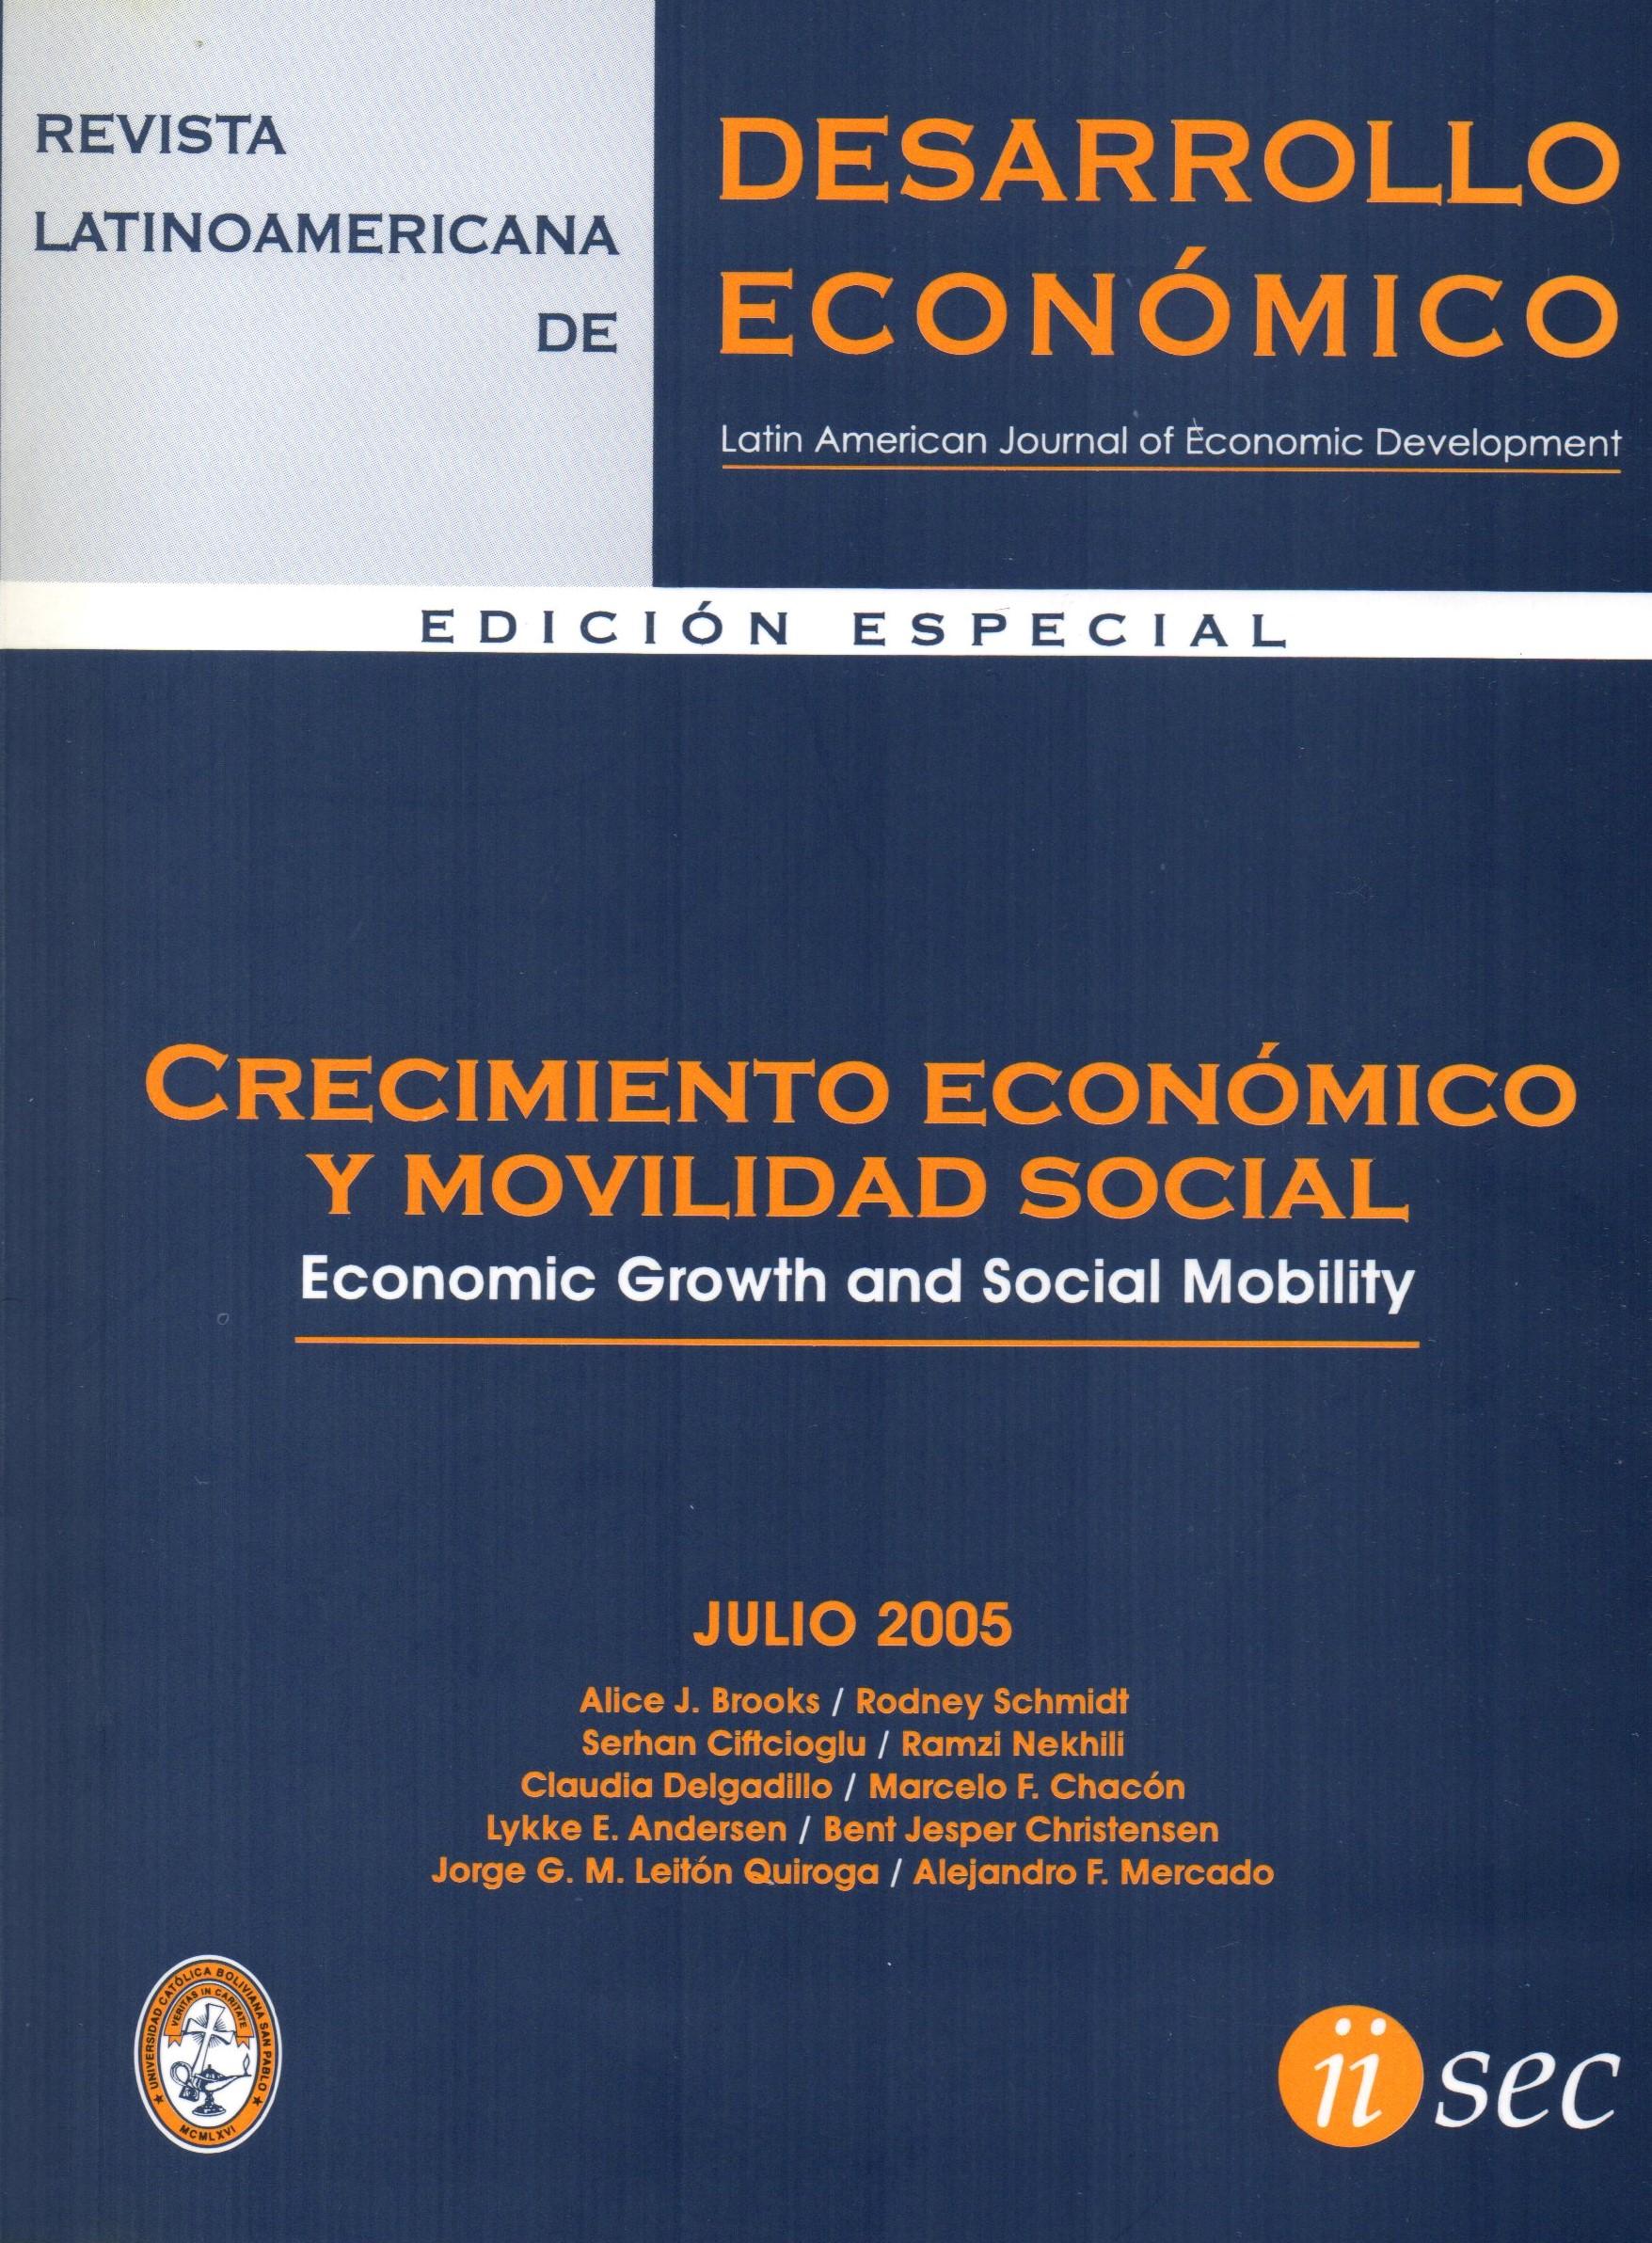 LAJED Edición Especial 2005